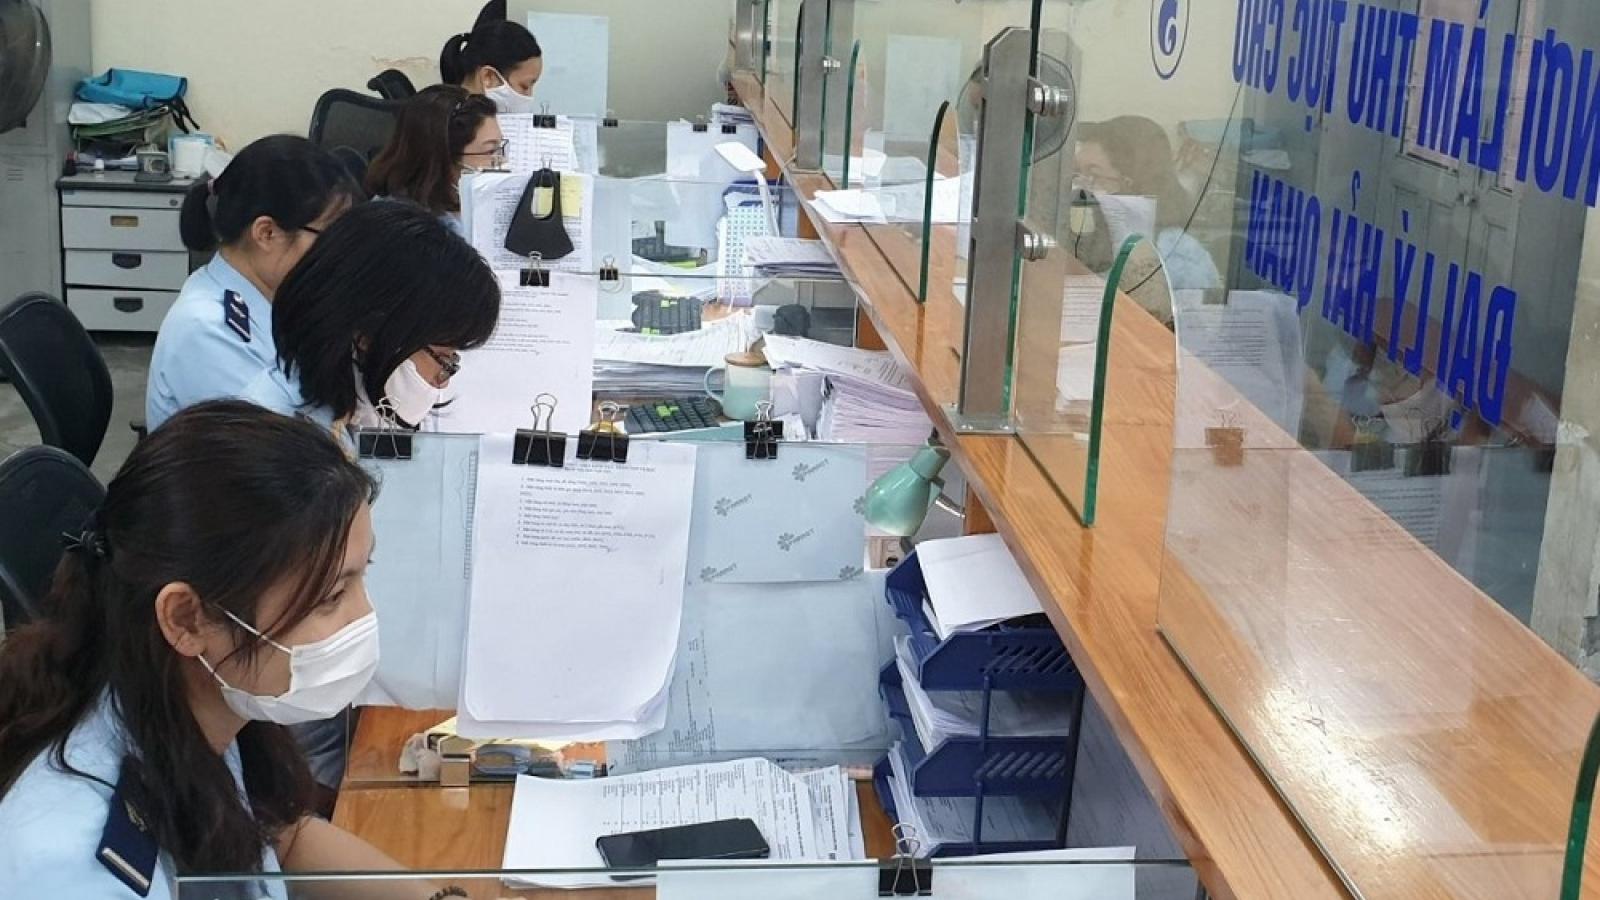 Trường hợp hệ thống bị lỗi, cơ quan Hải quan tiếp nhận C/O bản giấy